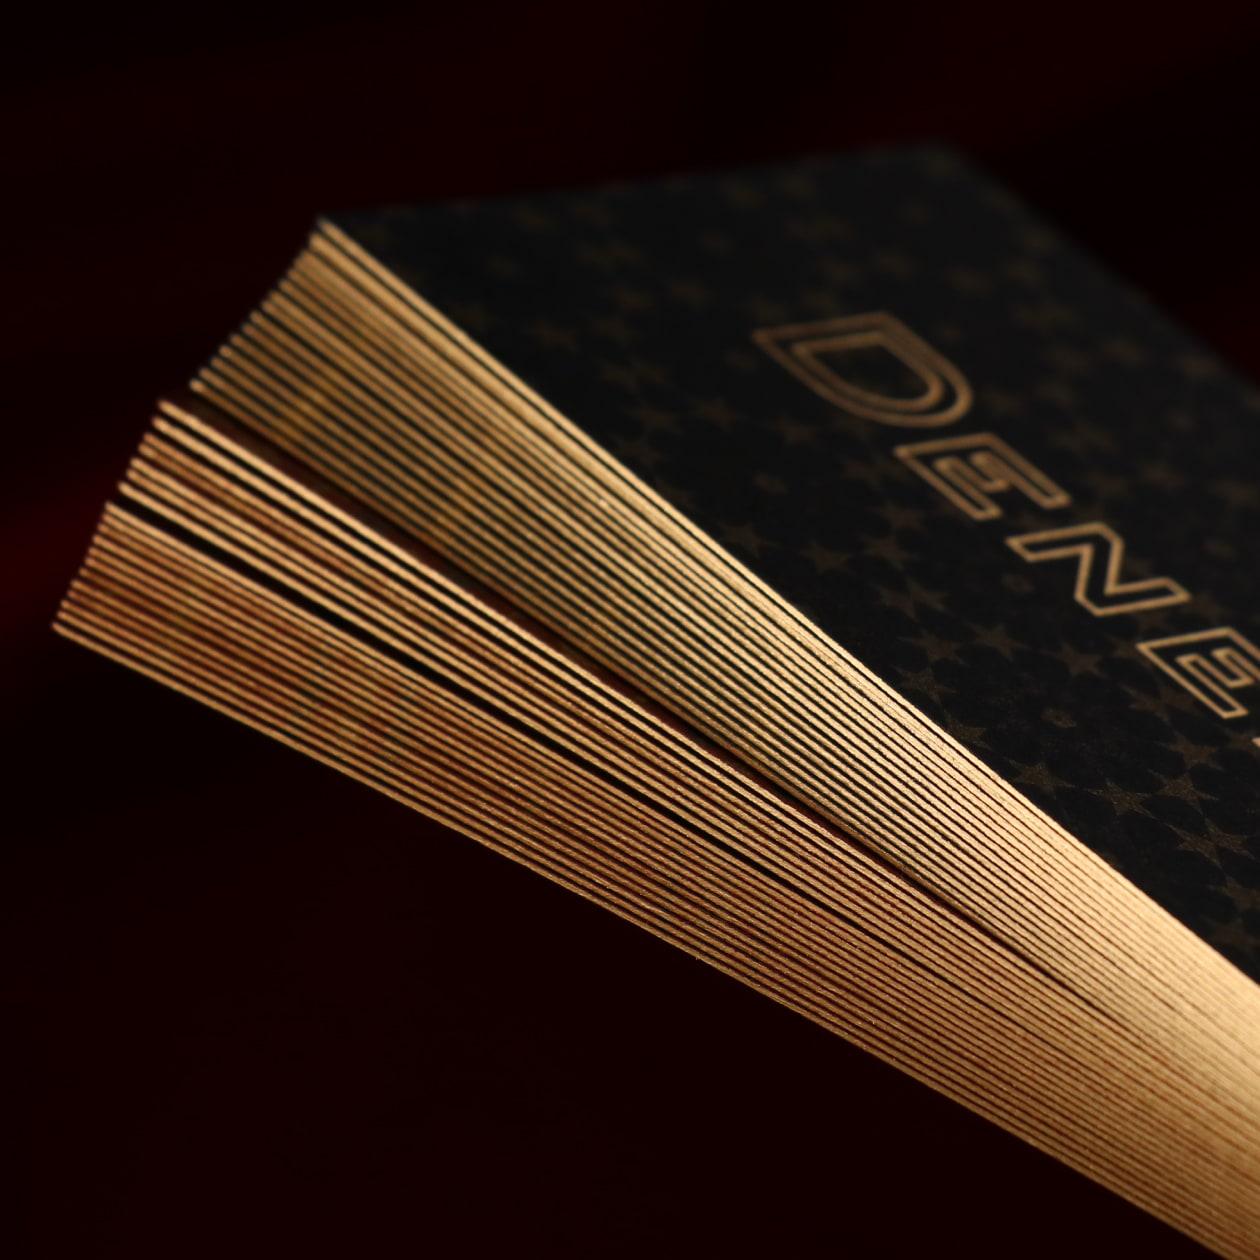 ヴィンテージジュエリーブランドのショップカード